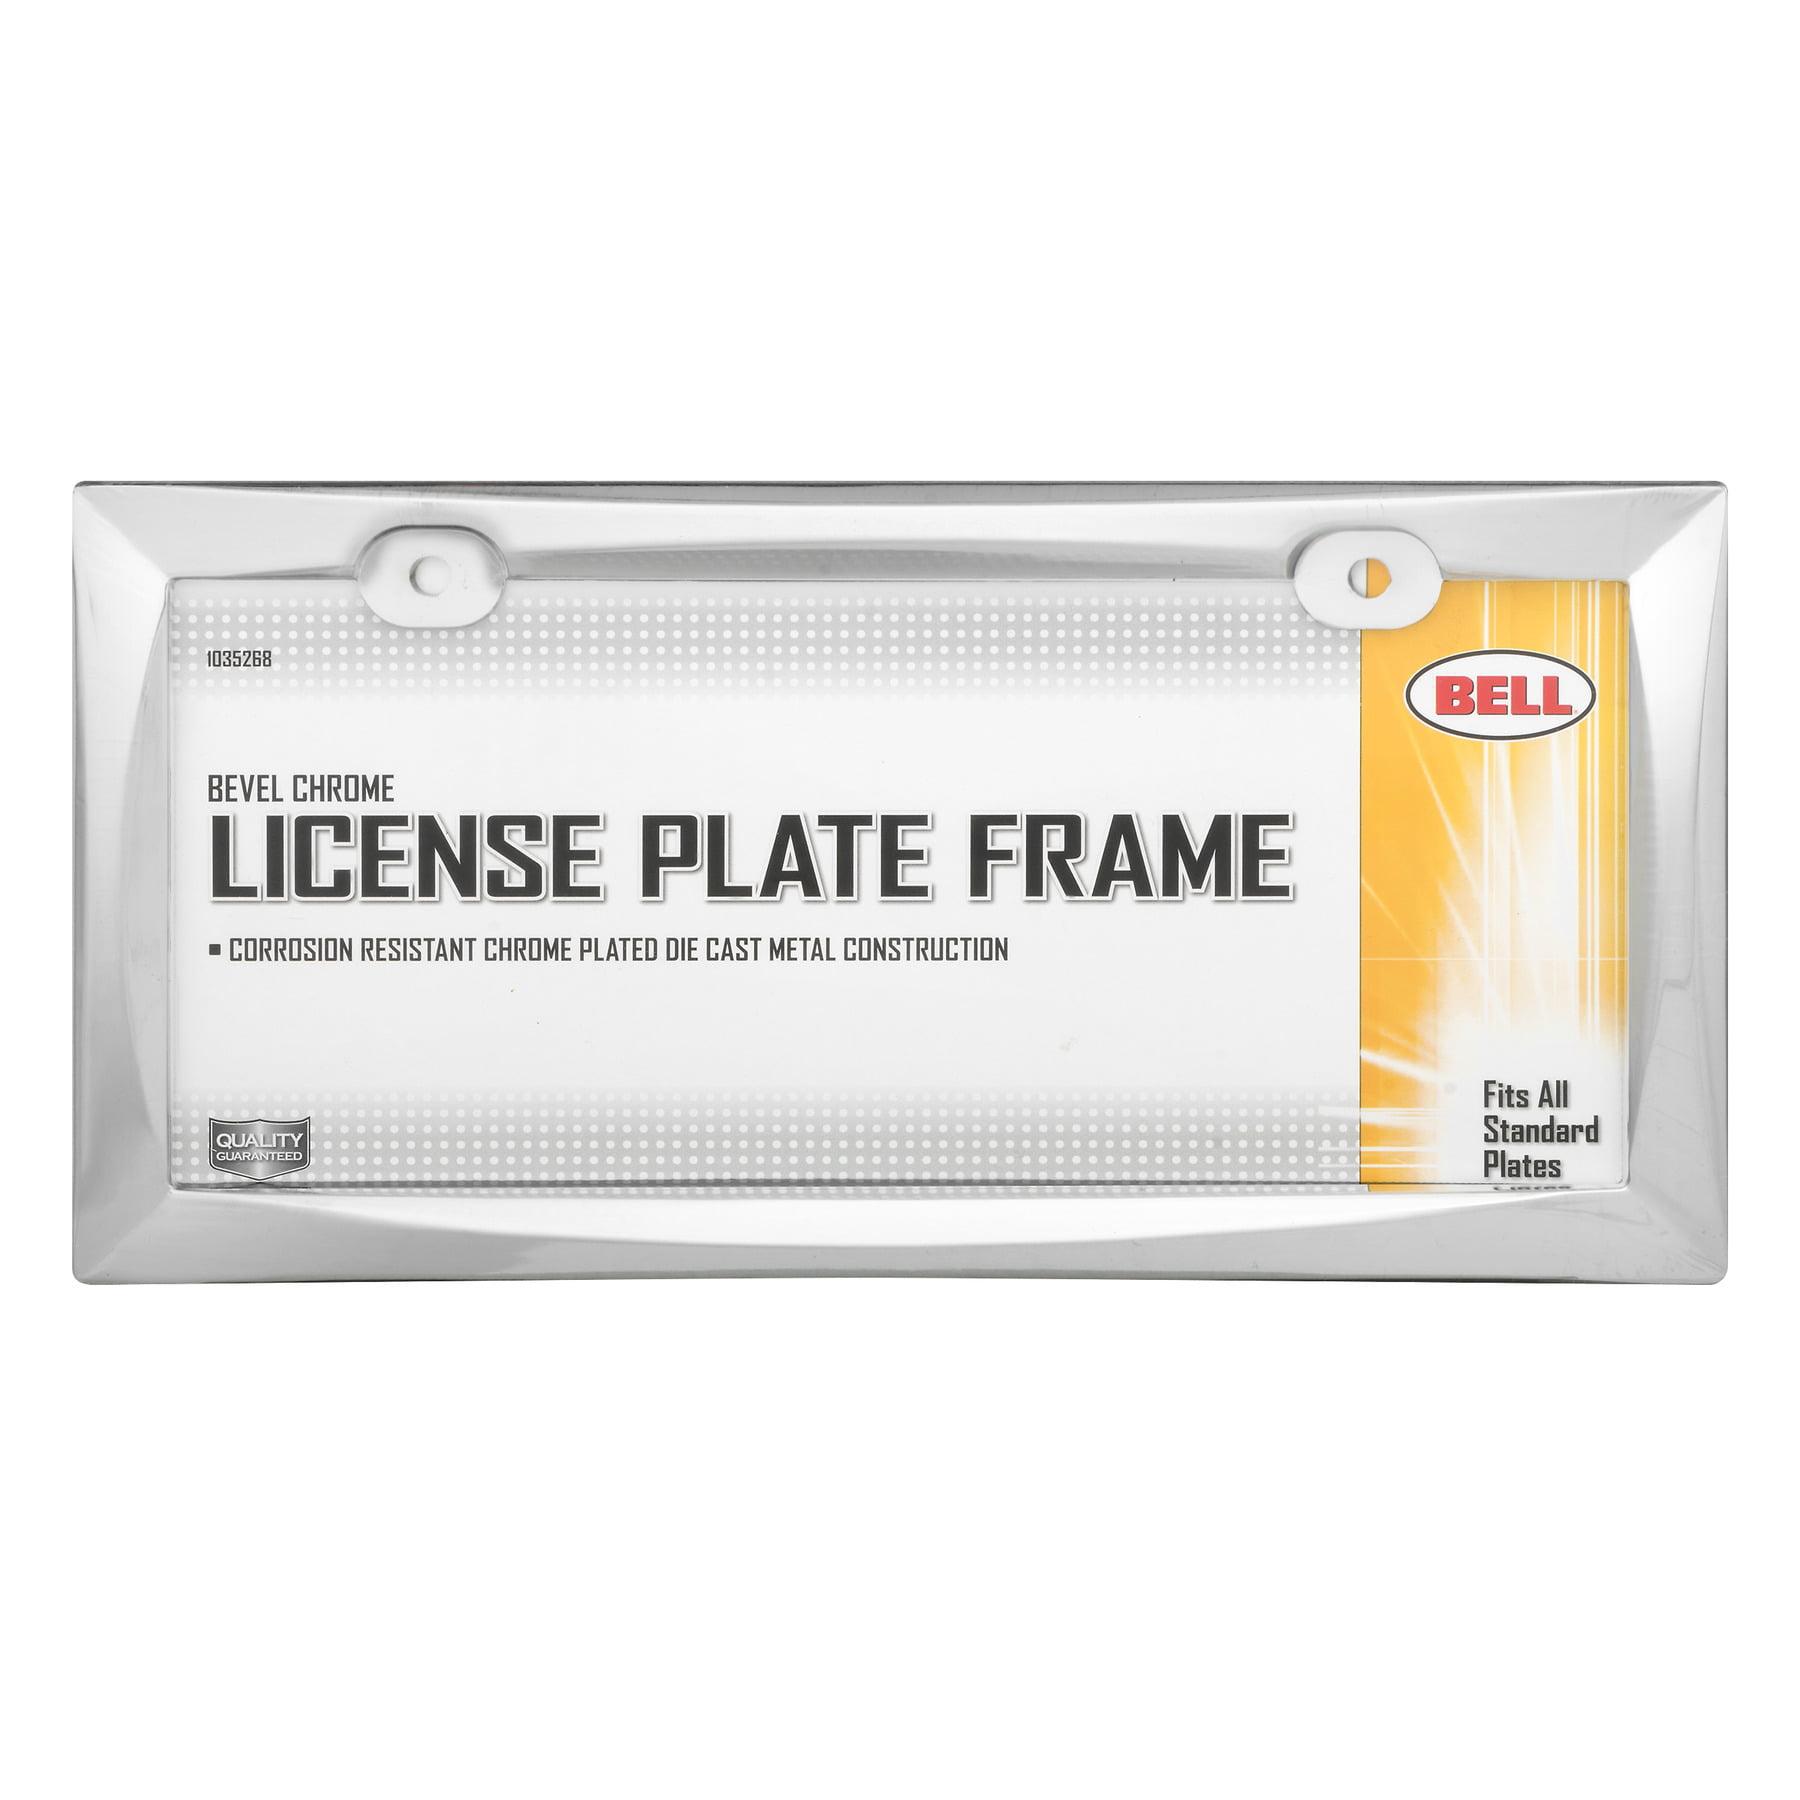 Bell Bevel Chrome License Plate Frame, 1.0 CT